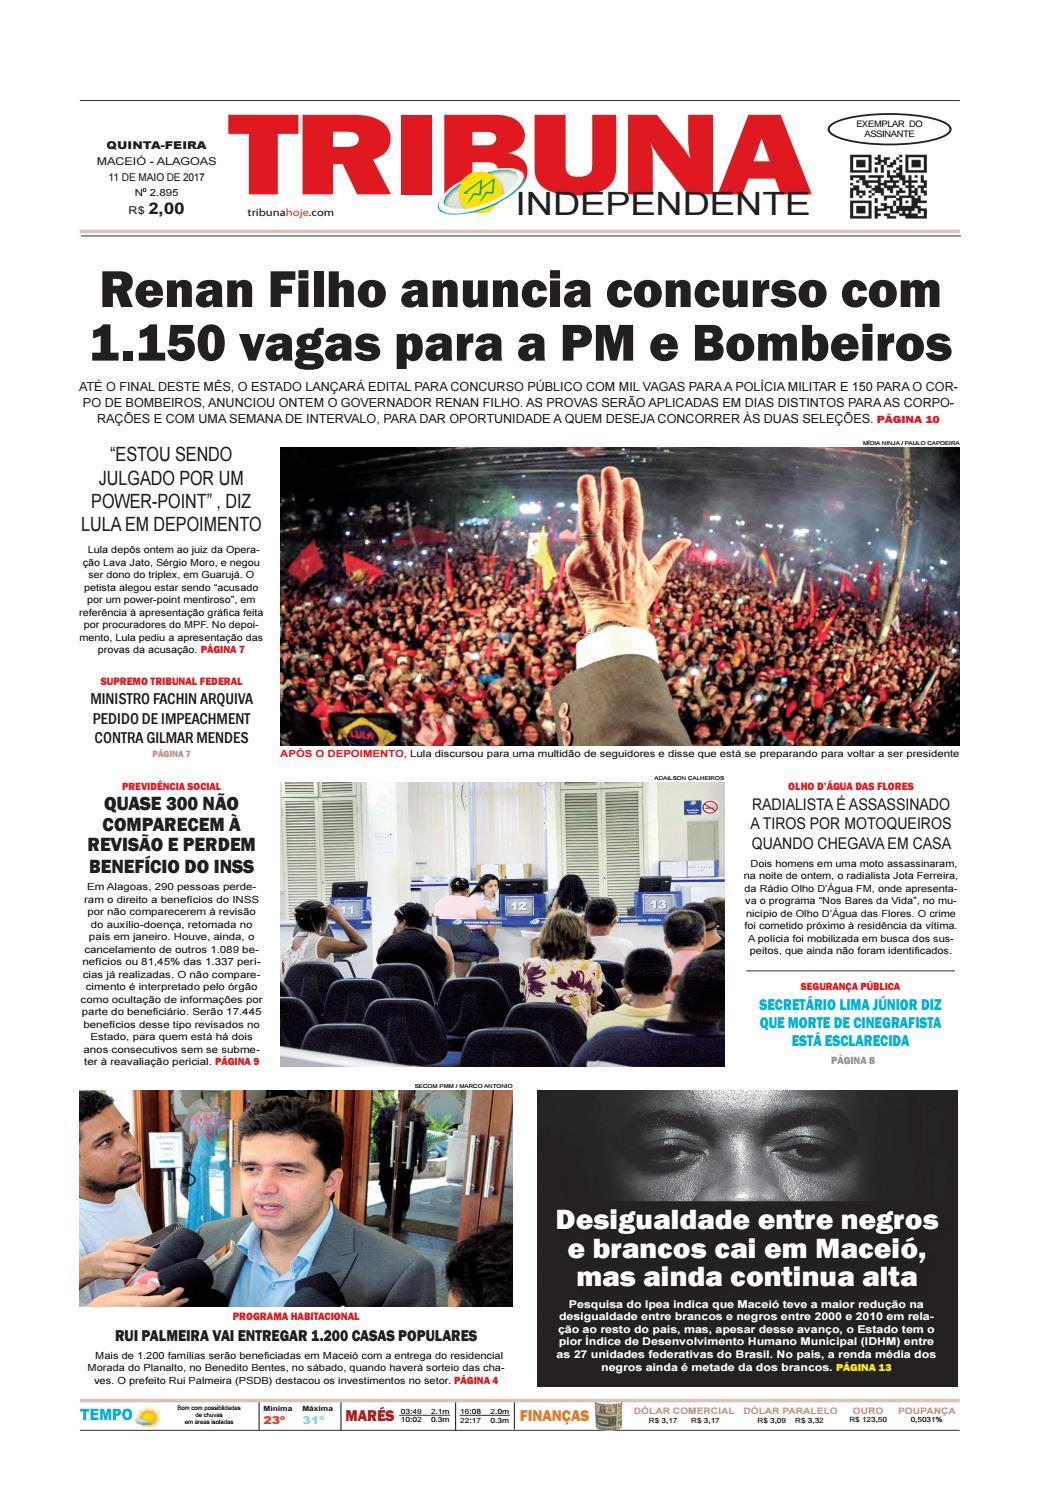 d2a9bb3b4 Edição número 2895 - 11 de maio de 2017 by Tribuna Hoje - issuu